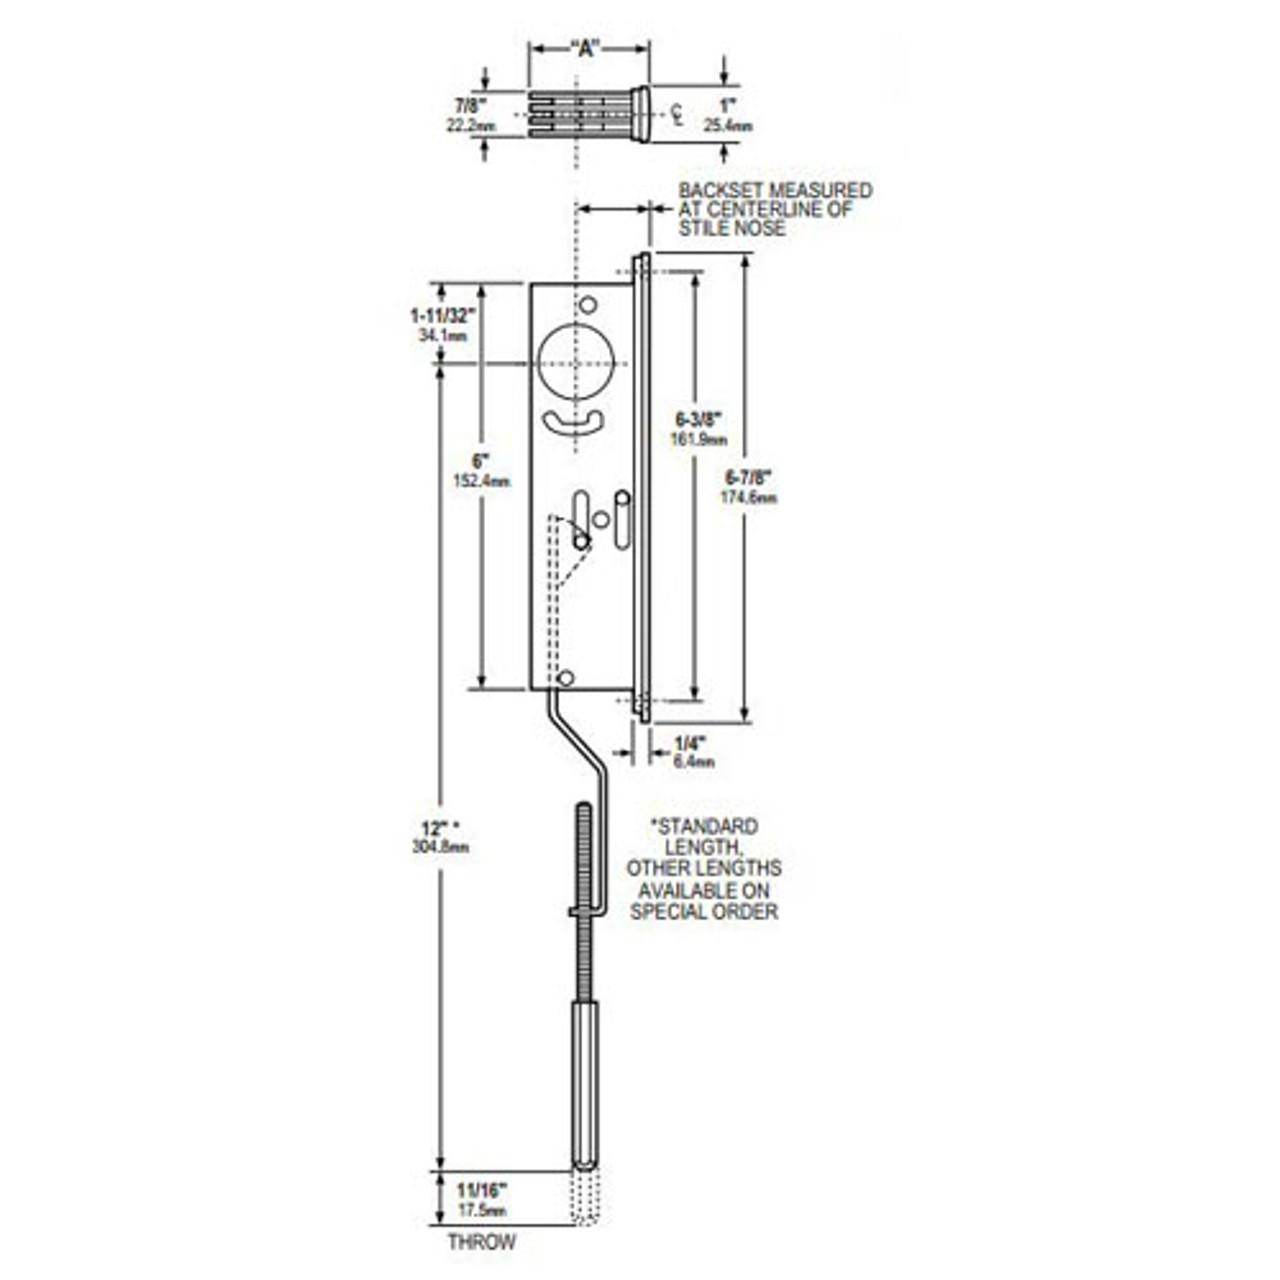 1871-36-335 Adams Rite Flushbolt Dimensional View